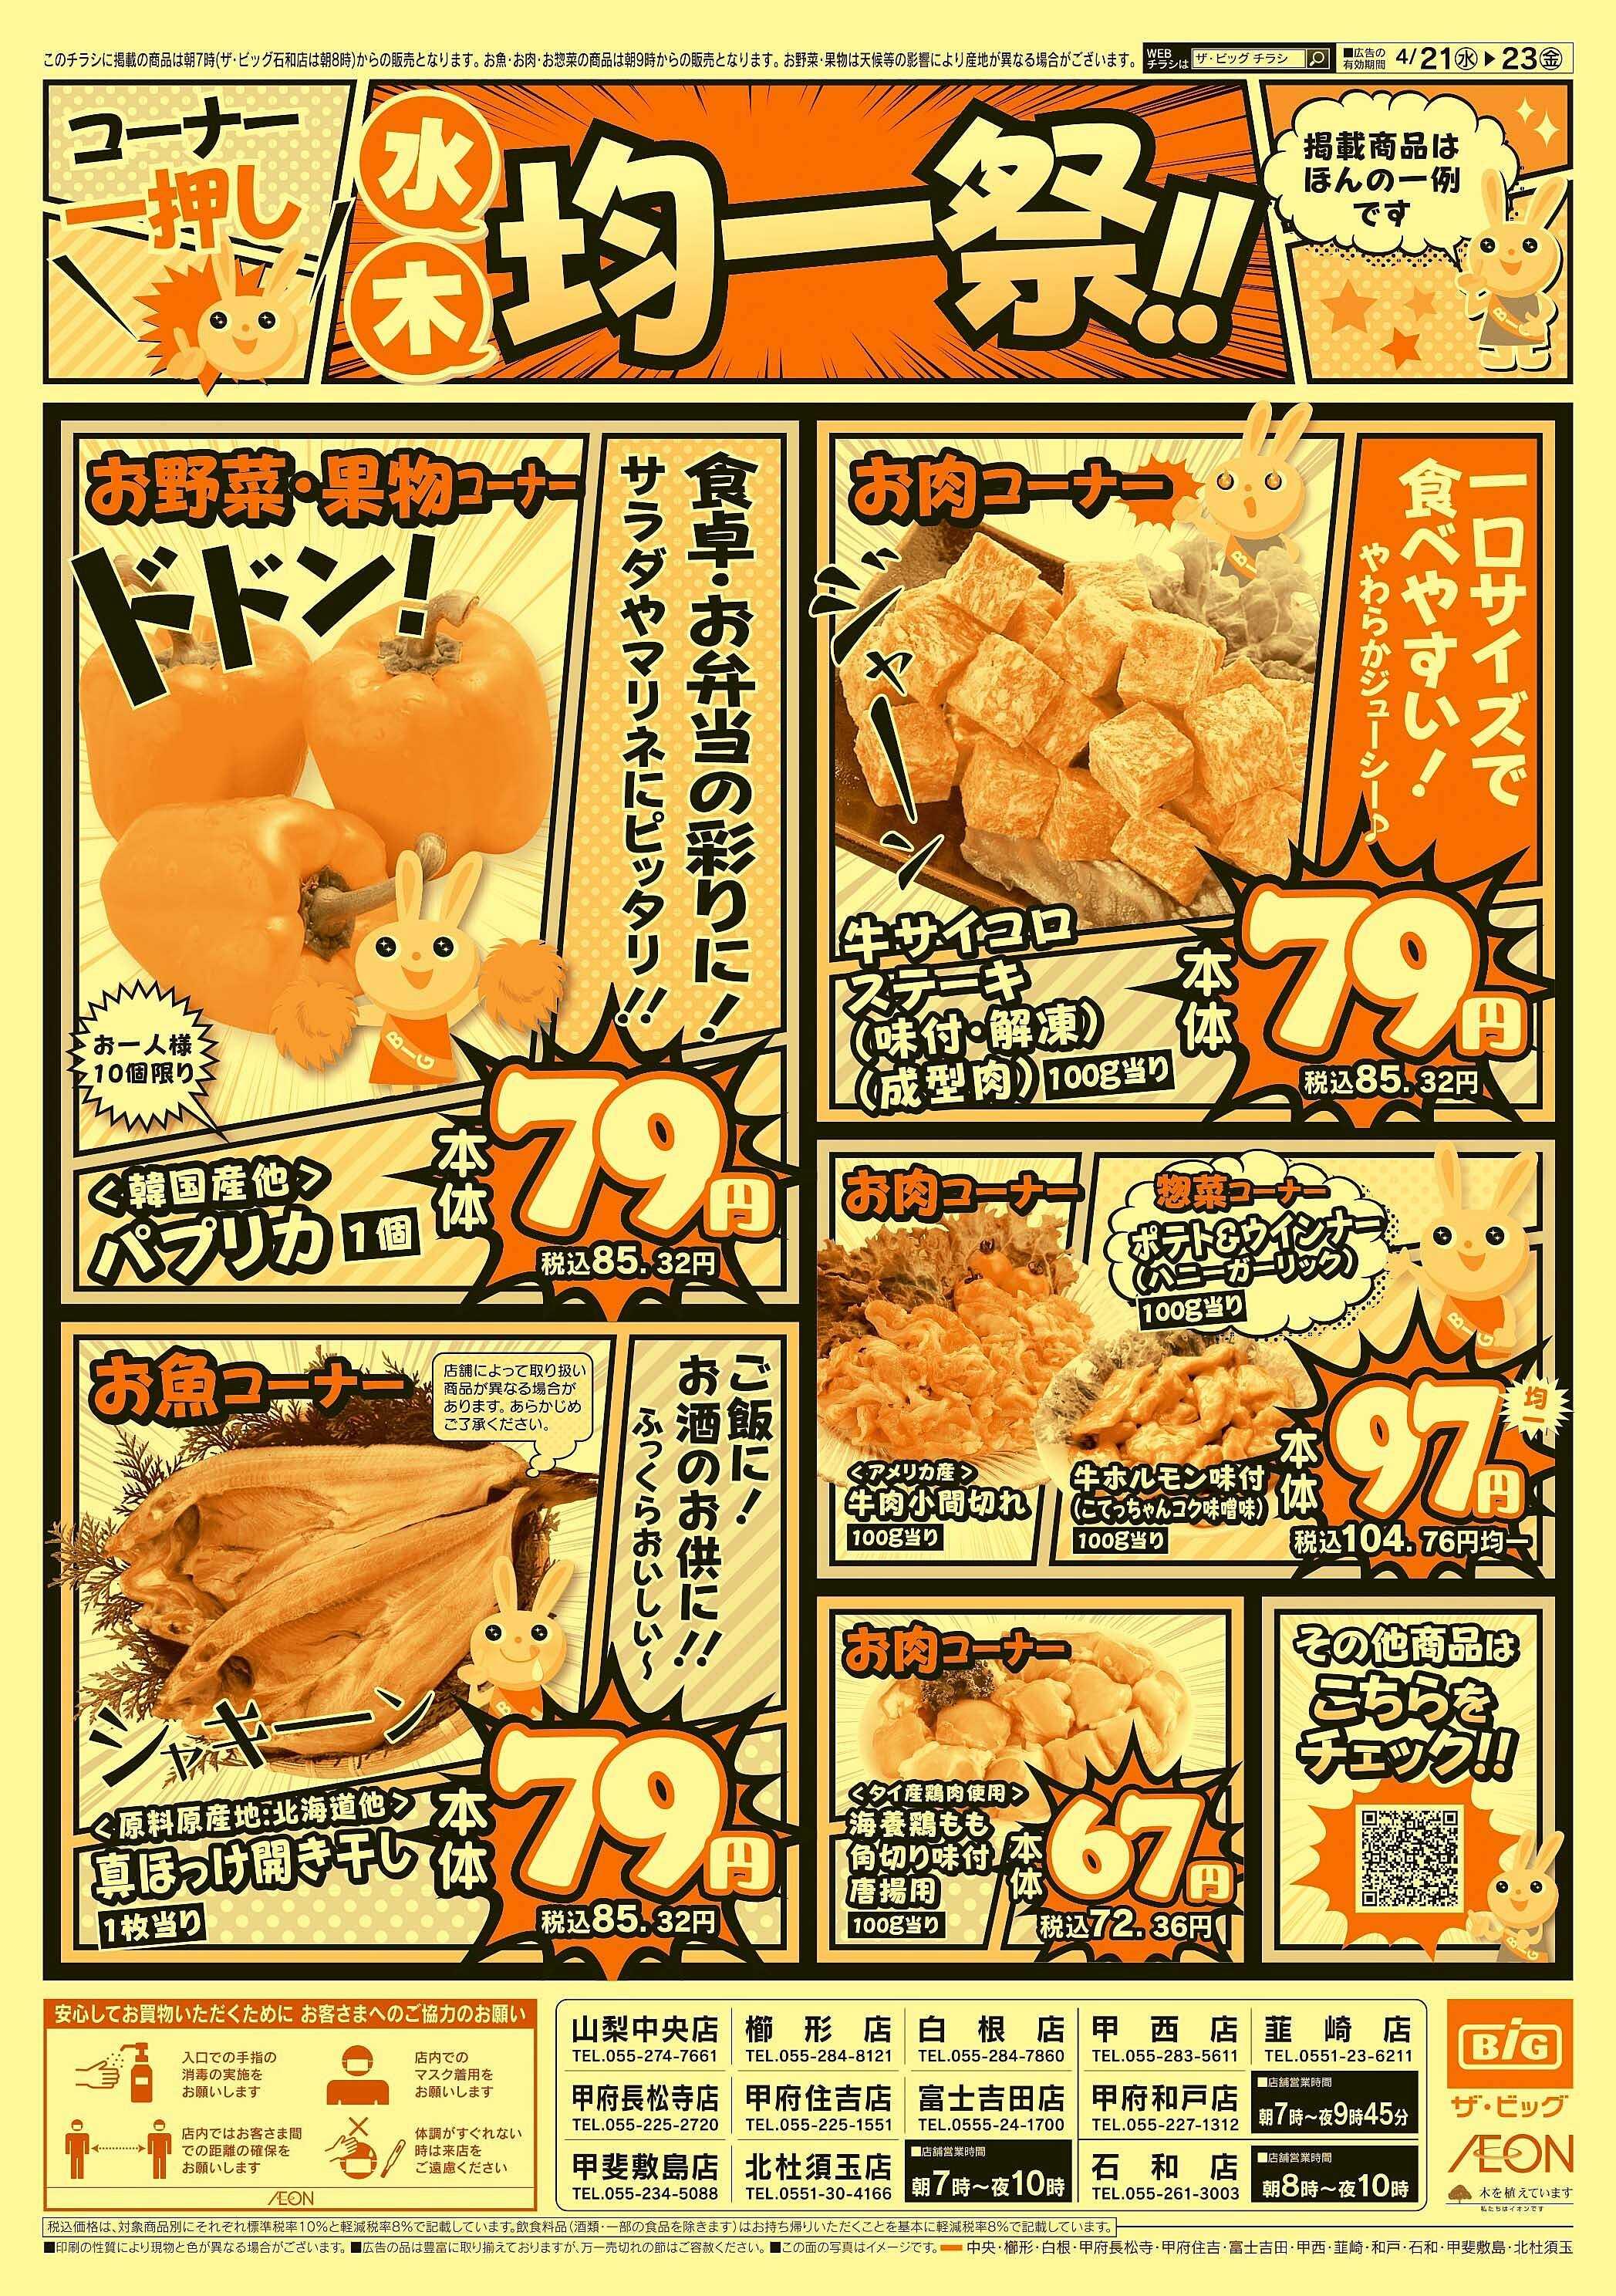 ザ・ビッグ 0421-0423 毎週水曜木曜は恒例『79円均一祭』開催!